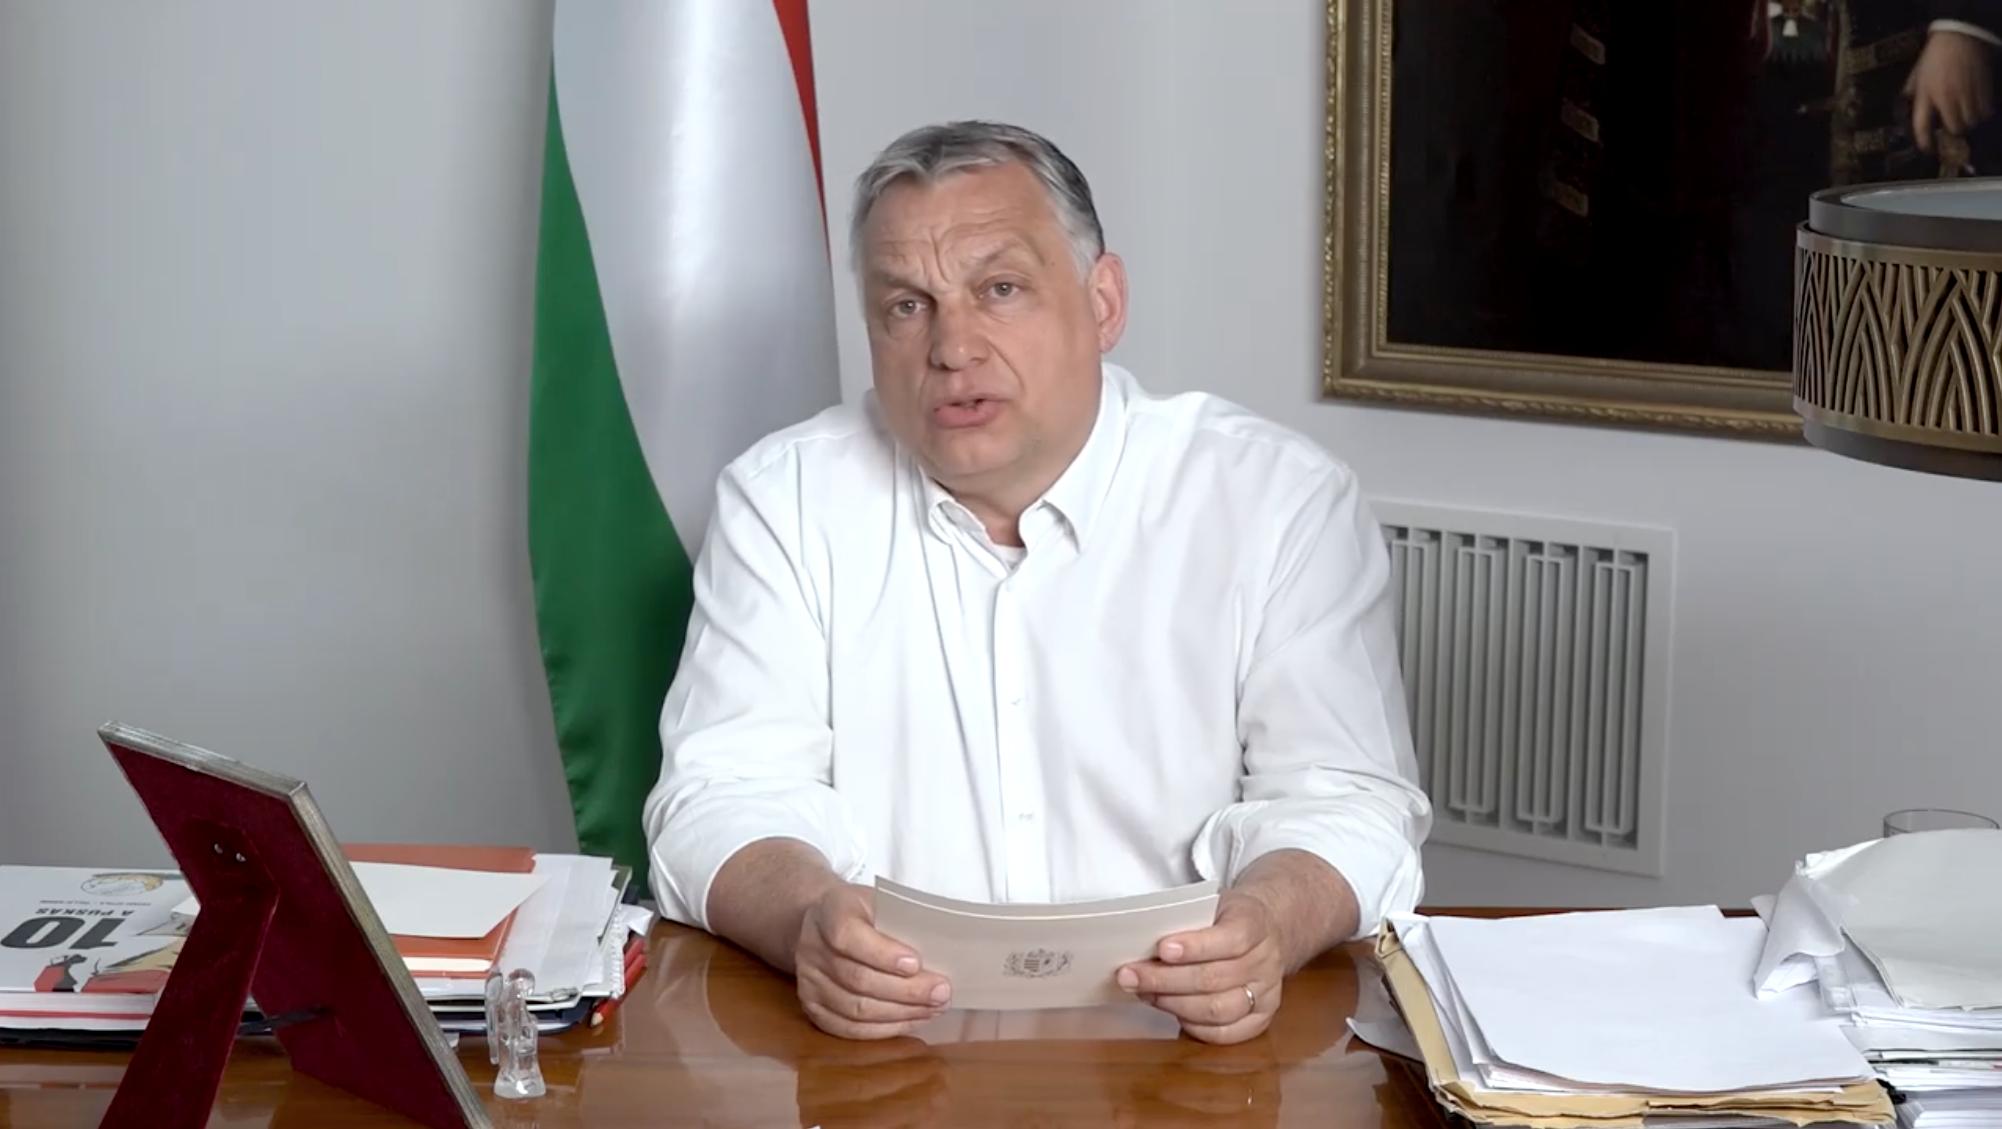 Orbán bejelentette, hogy már szerdán nyithatnak az üzletek és újraindulhatnak a szolgáltatások